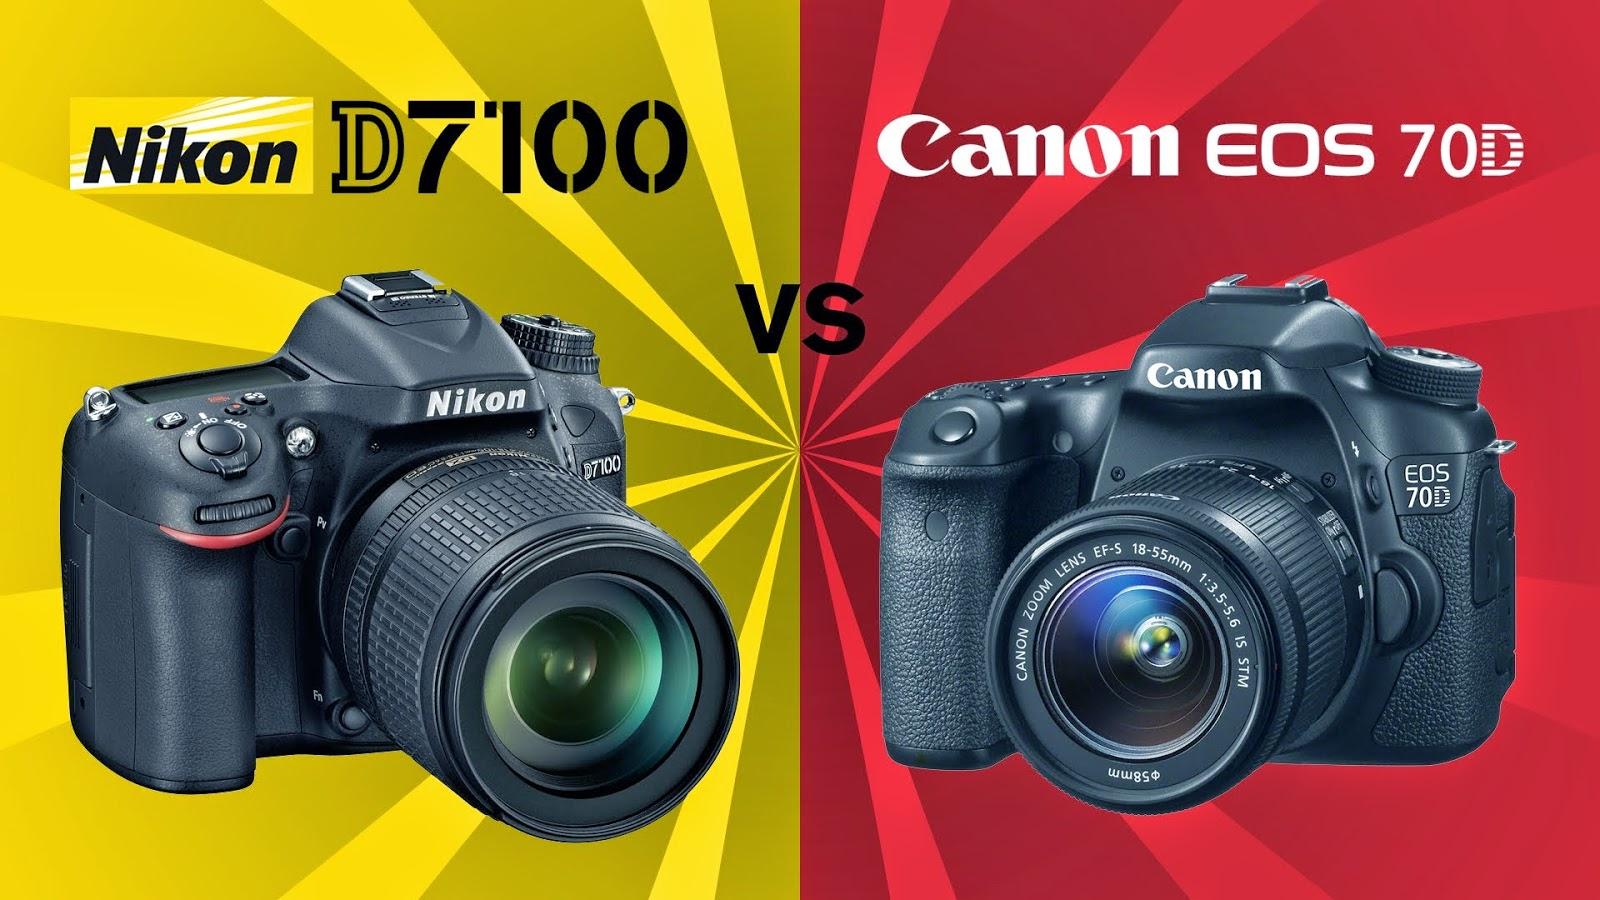 Canon EOS 70D, DSLR camera, Nikon D7100, Nikon vs Canon